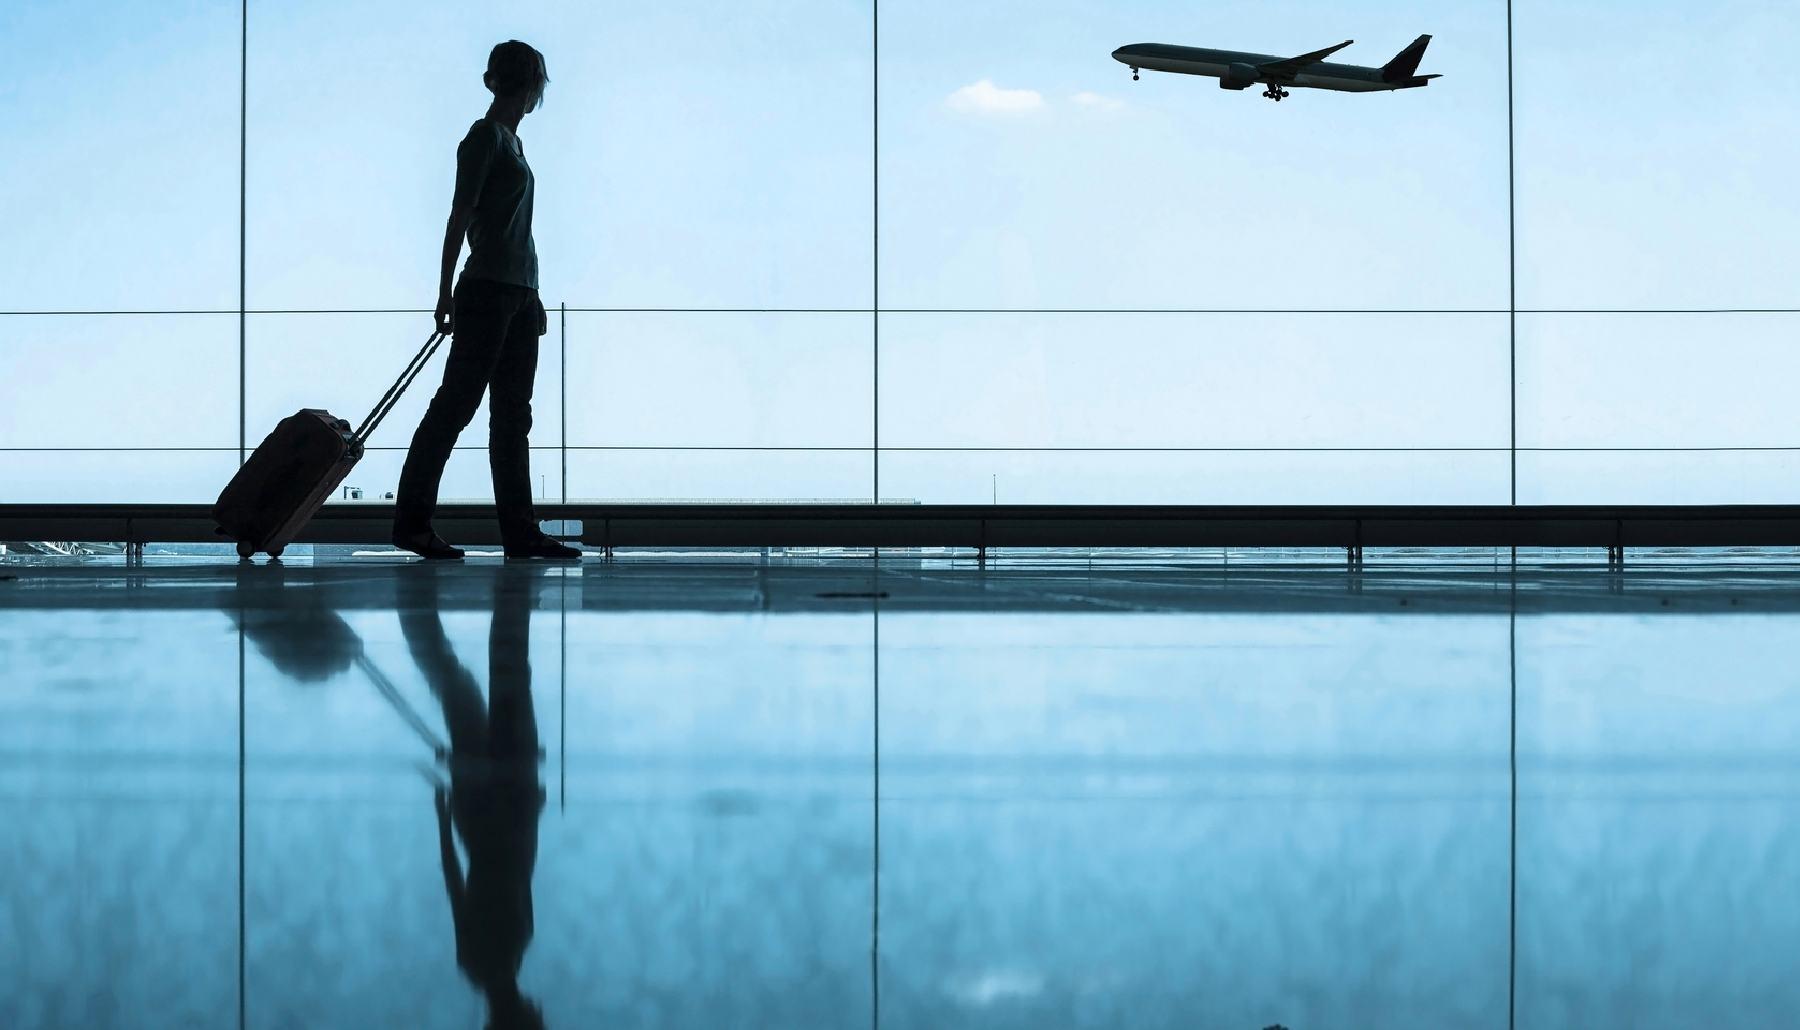 Un pasajero en la sala de espera de un aeropuerto.